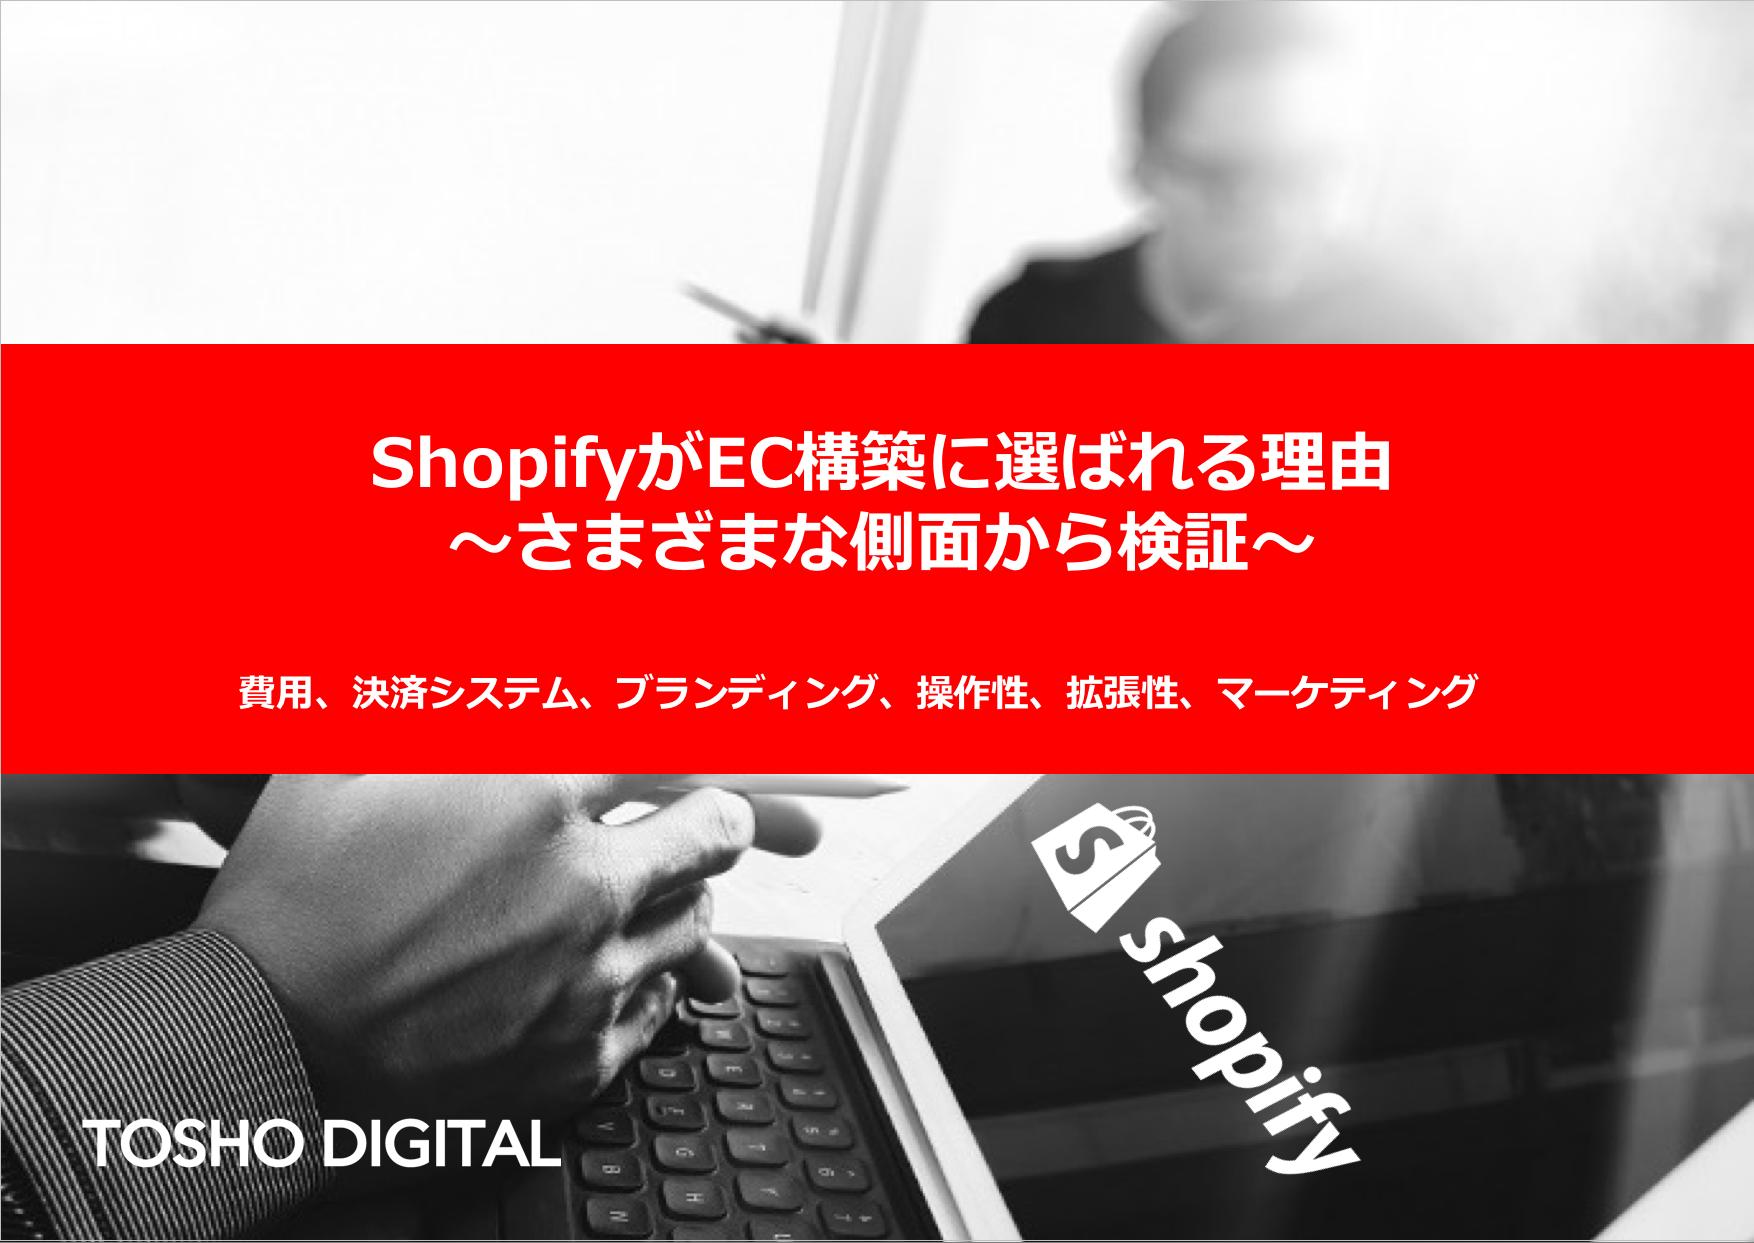 ShopifyがEC構築に選ばれる理由〜さまざまな側面から検証〜